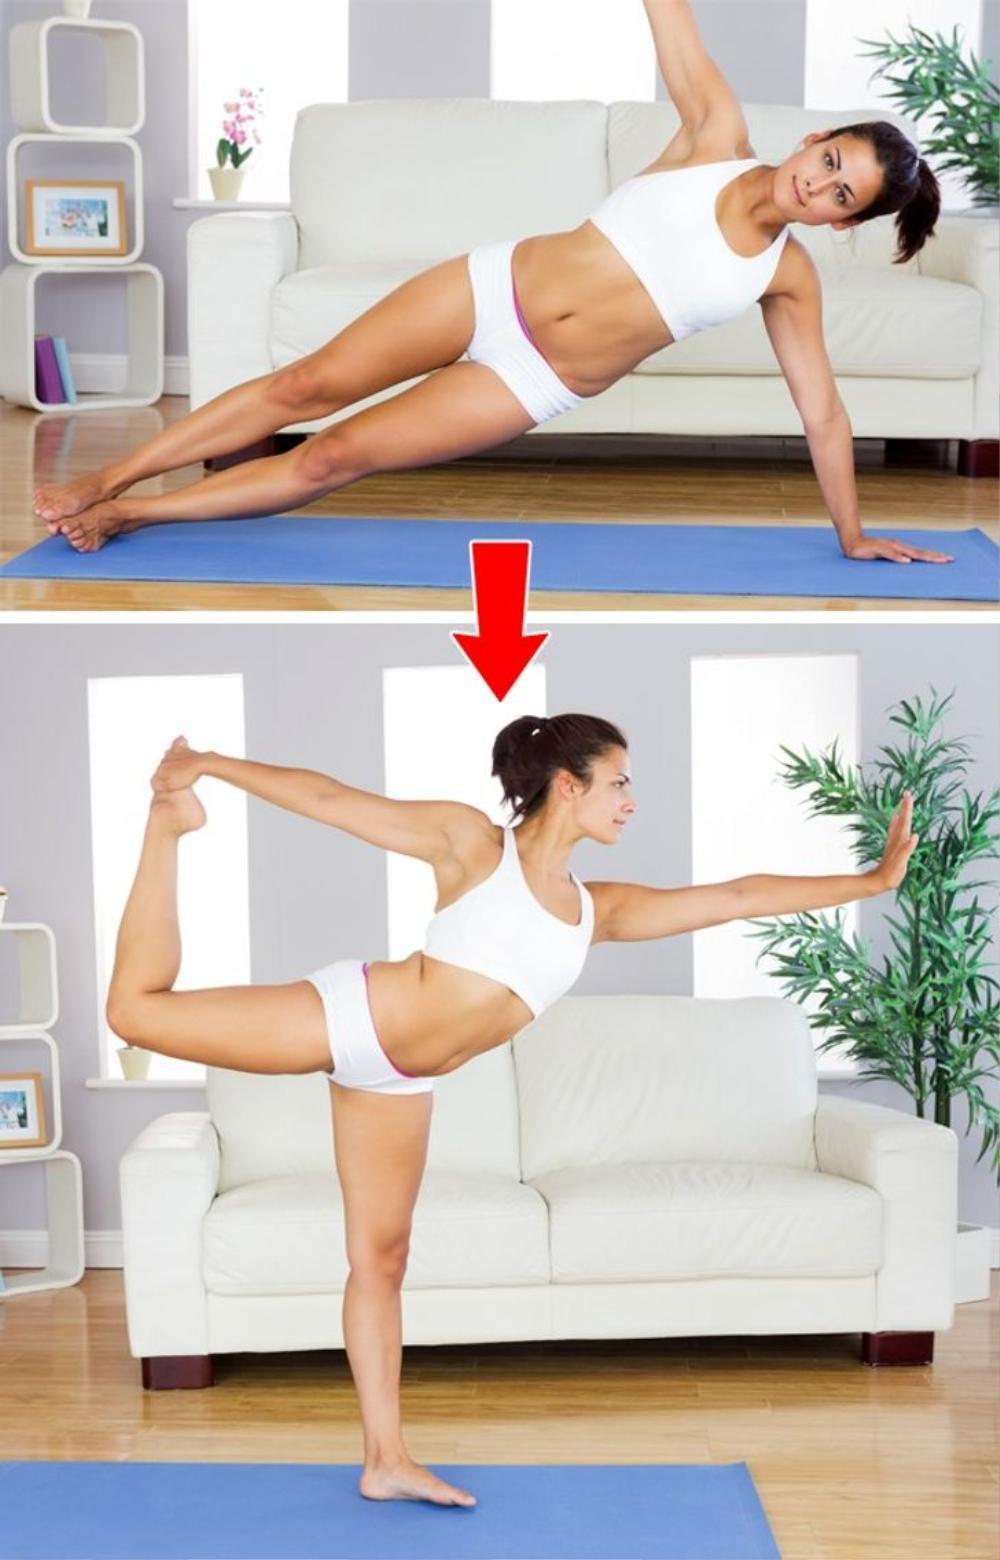 Cơ thể thay đổi thần kỳ nhờ tập plank mỗi ngày Ảnh 5